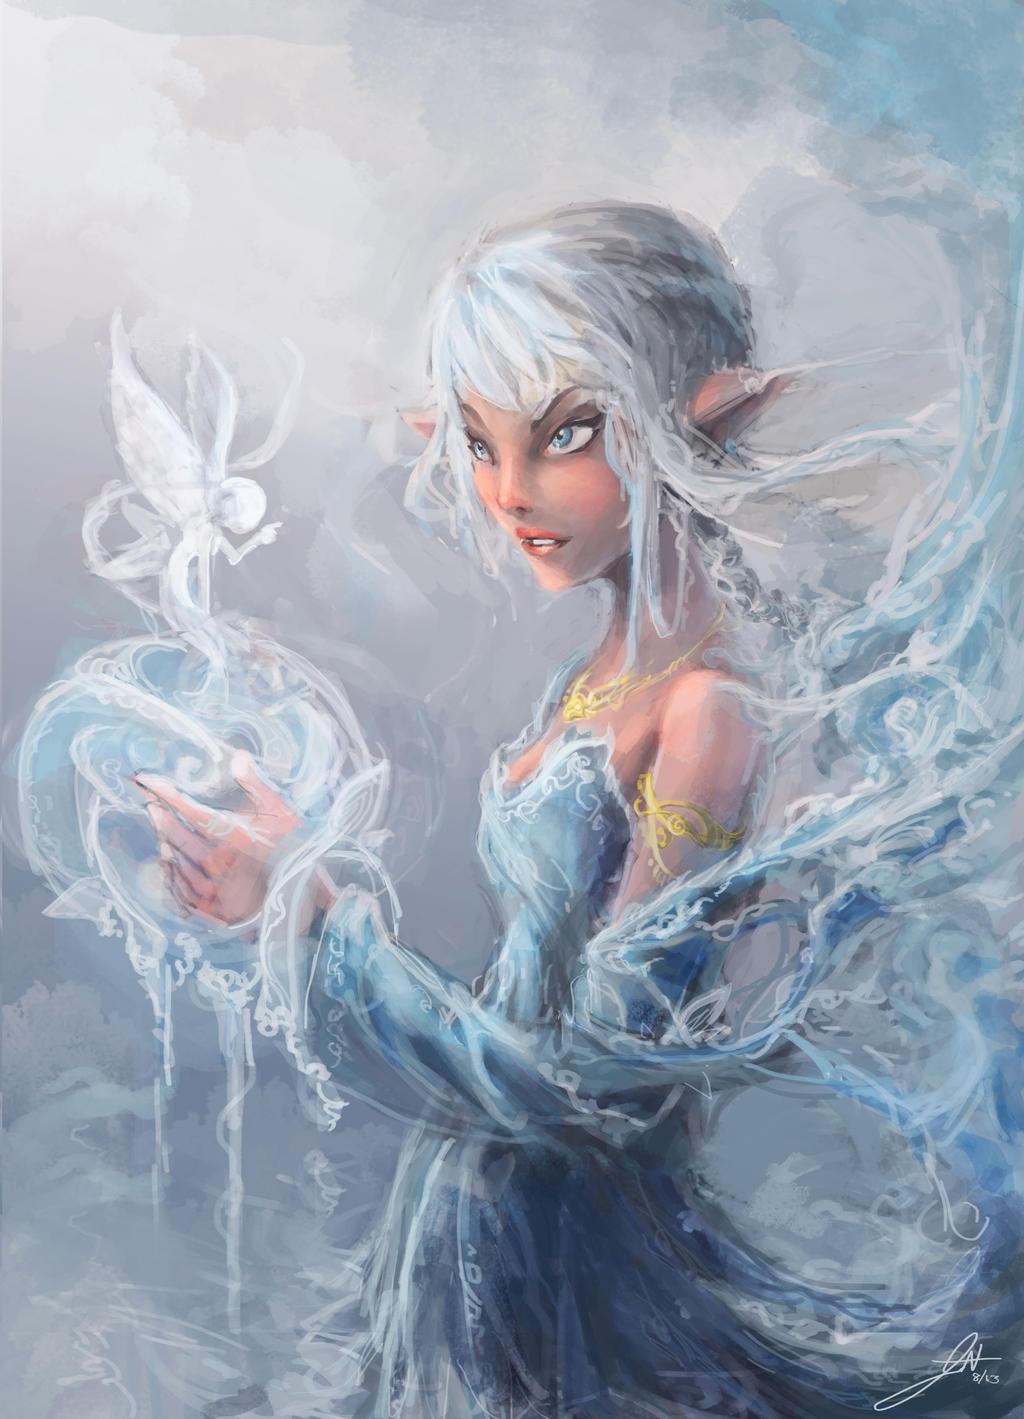 Galeria de Arte: Ficção & Fantasia 1 - Página 4 Gentle_water_spirit_by_nosaj7541-d6g40m1